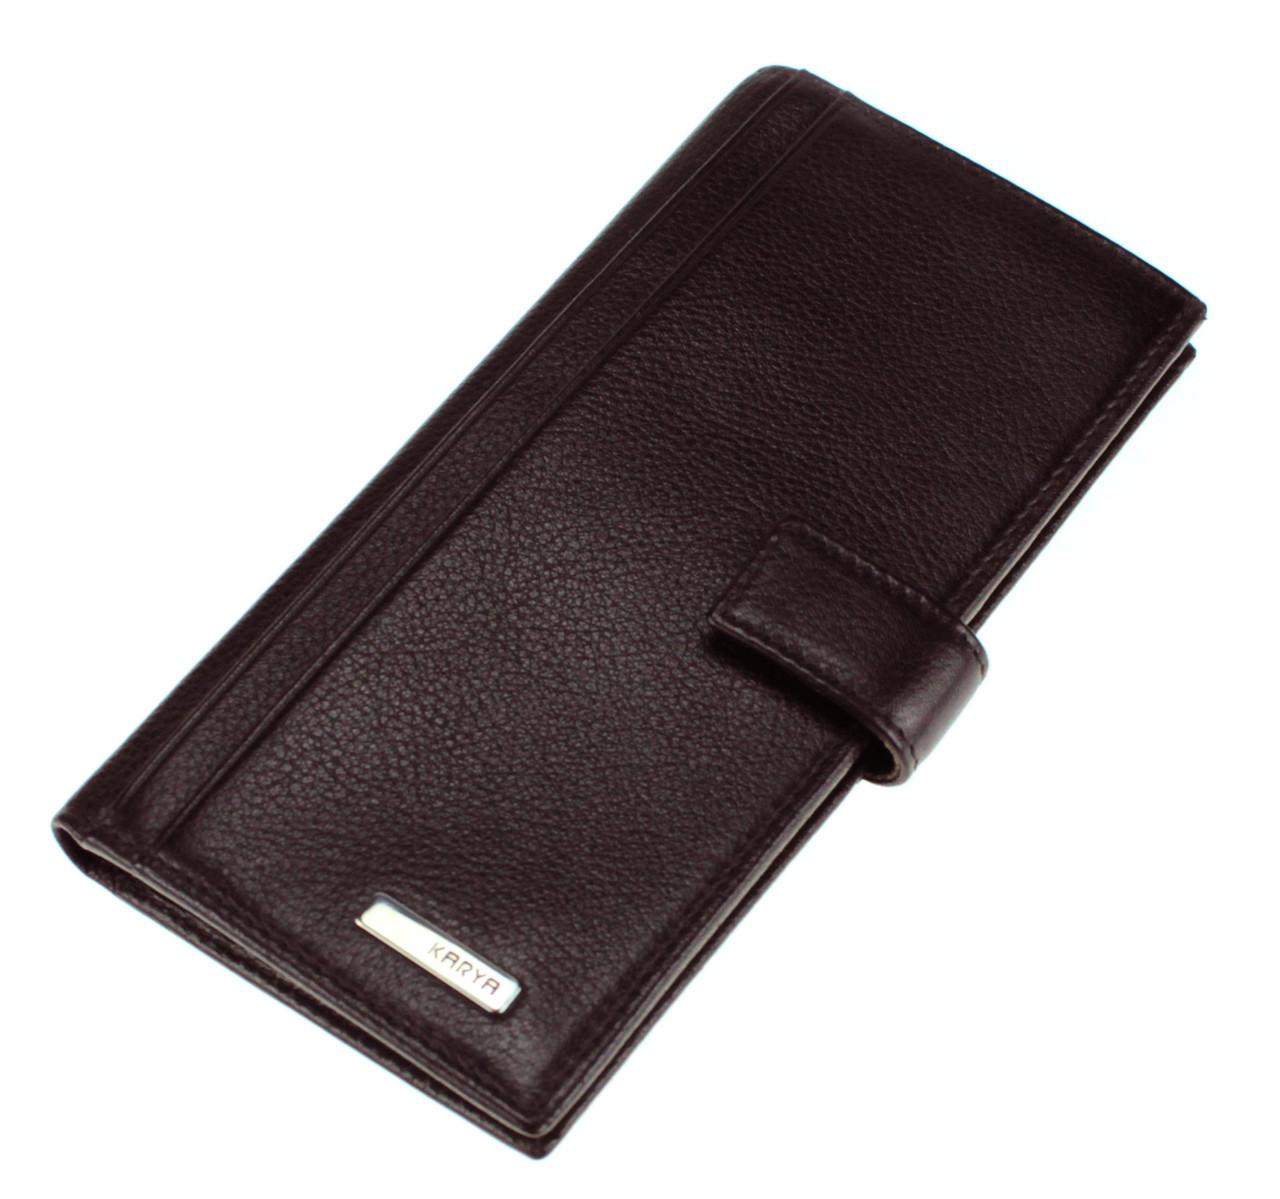 Вертикальный мужской кошелек (купюрник) Karya из натуральной кожи коричневый